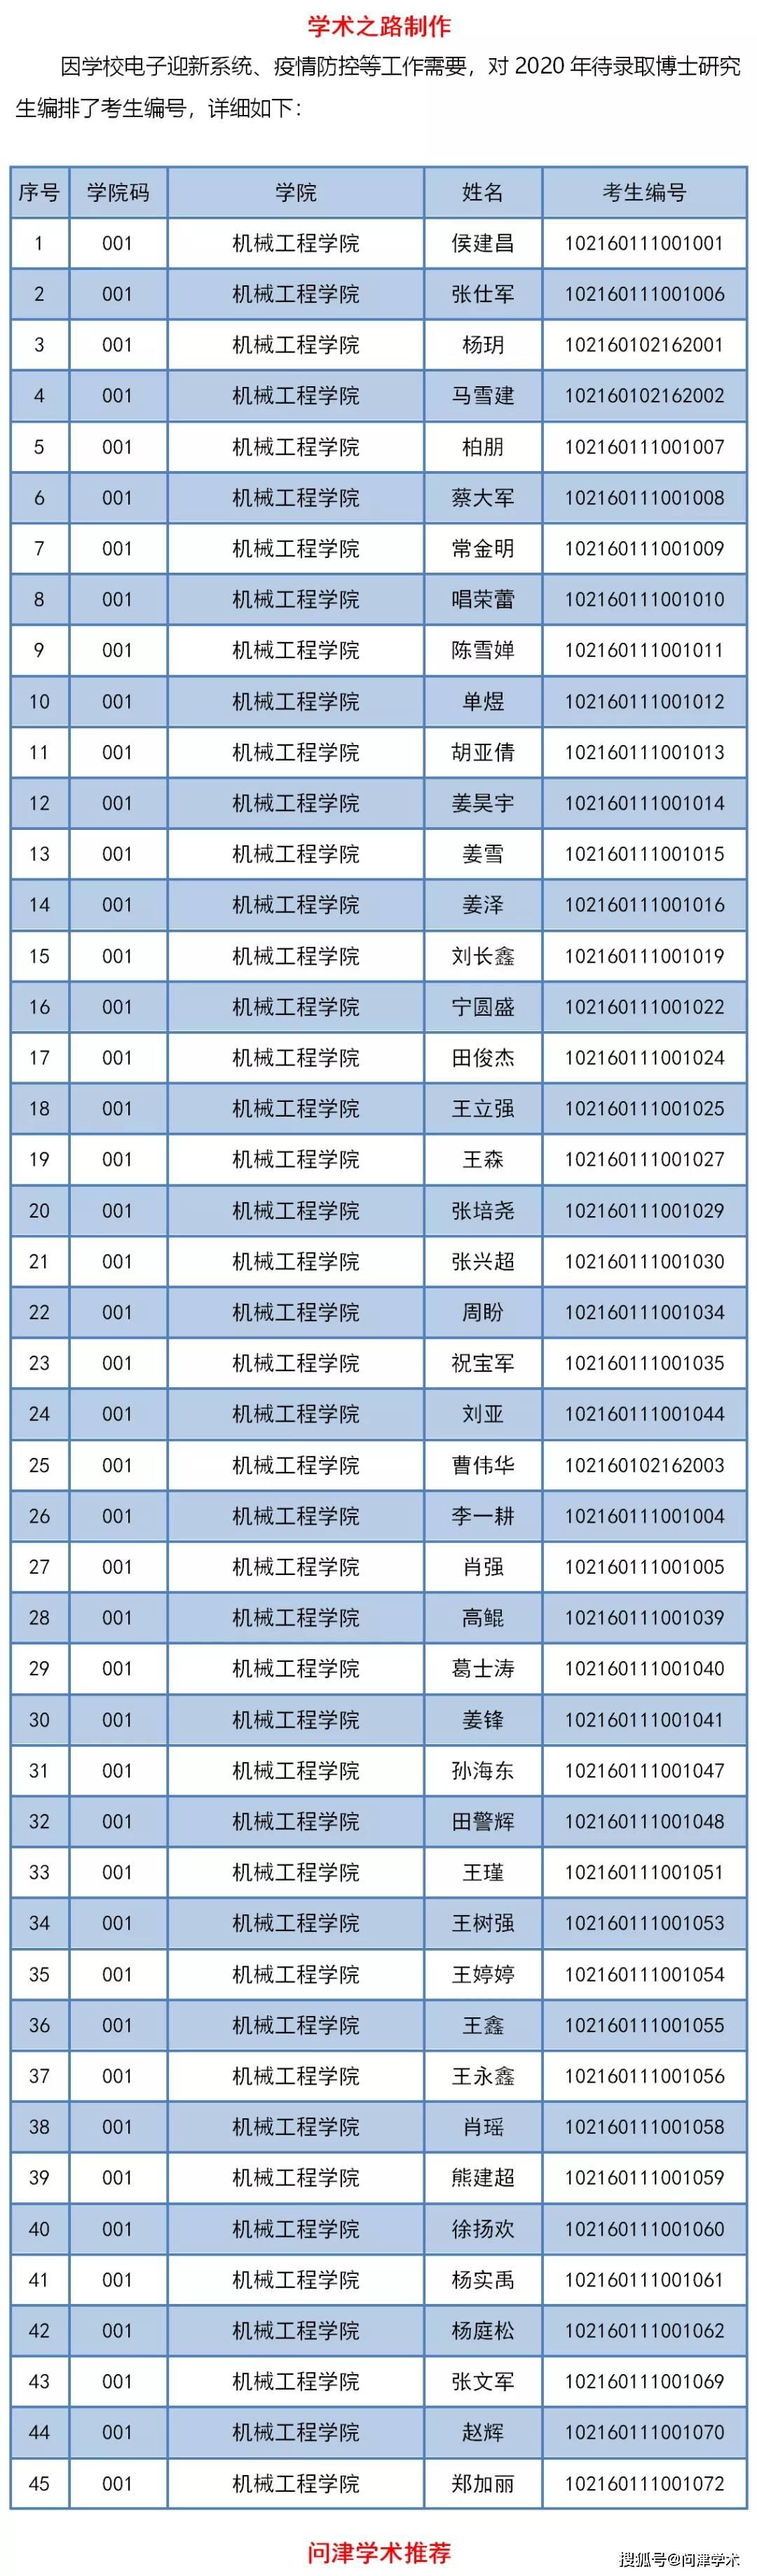 燕山大学2020年博士研究生拟录取名单